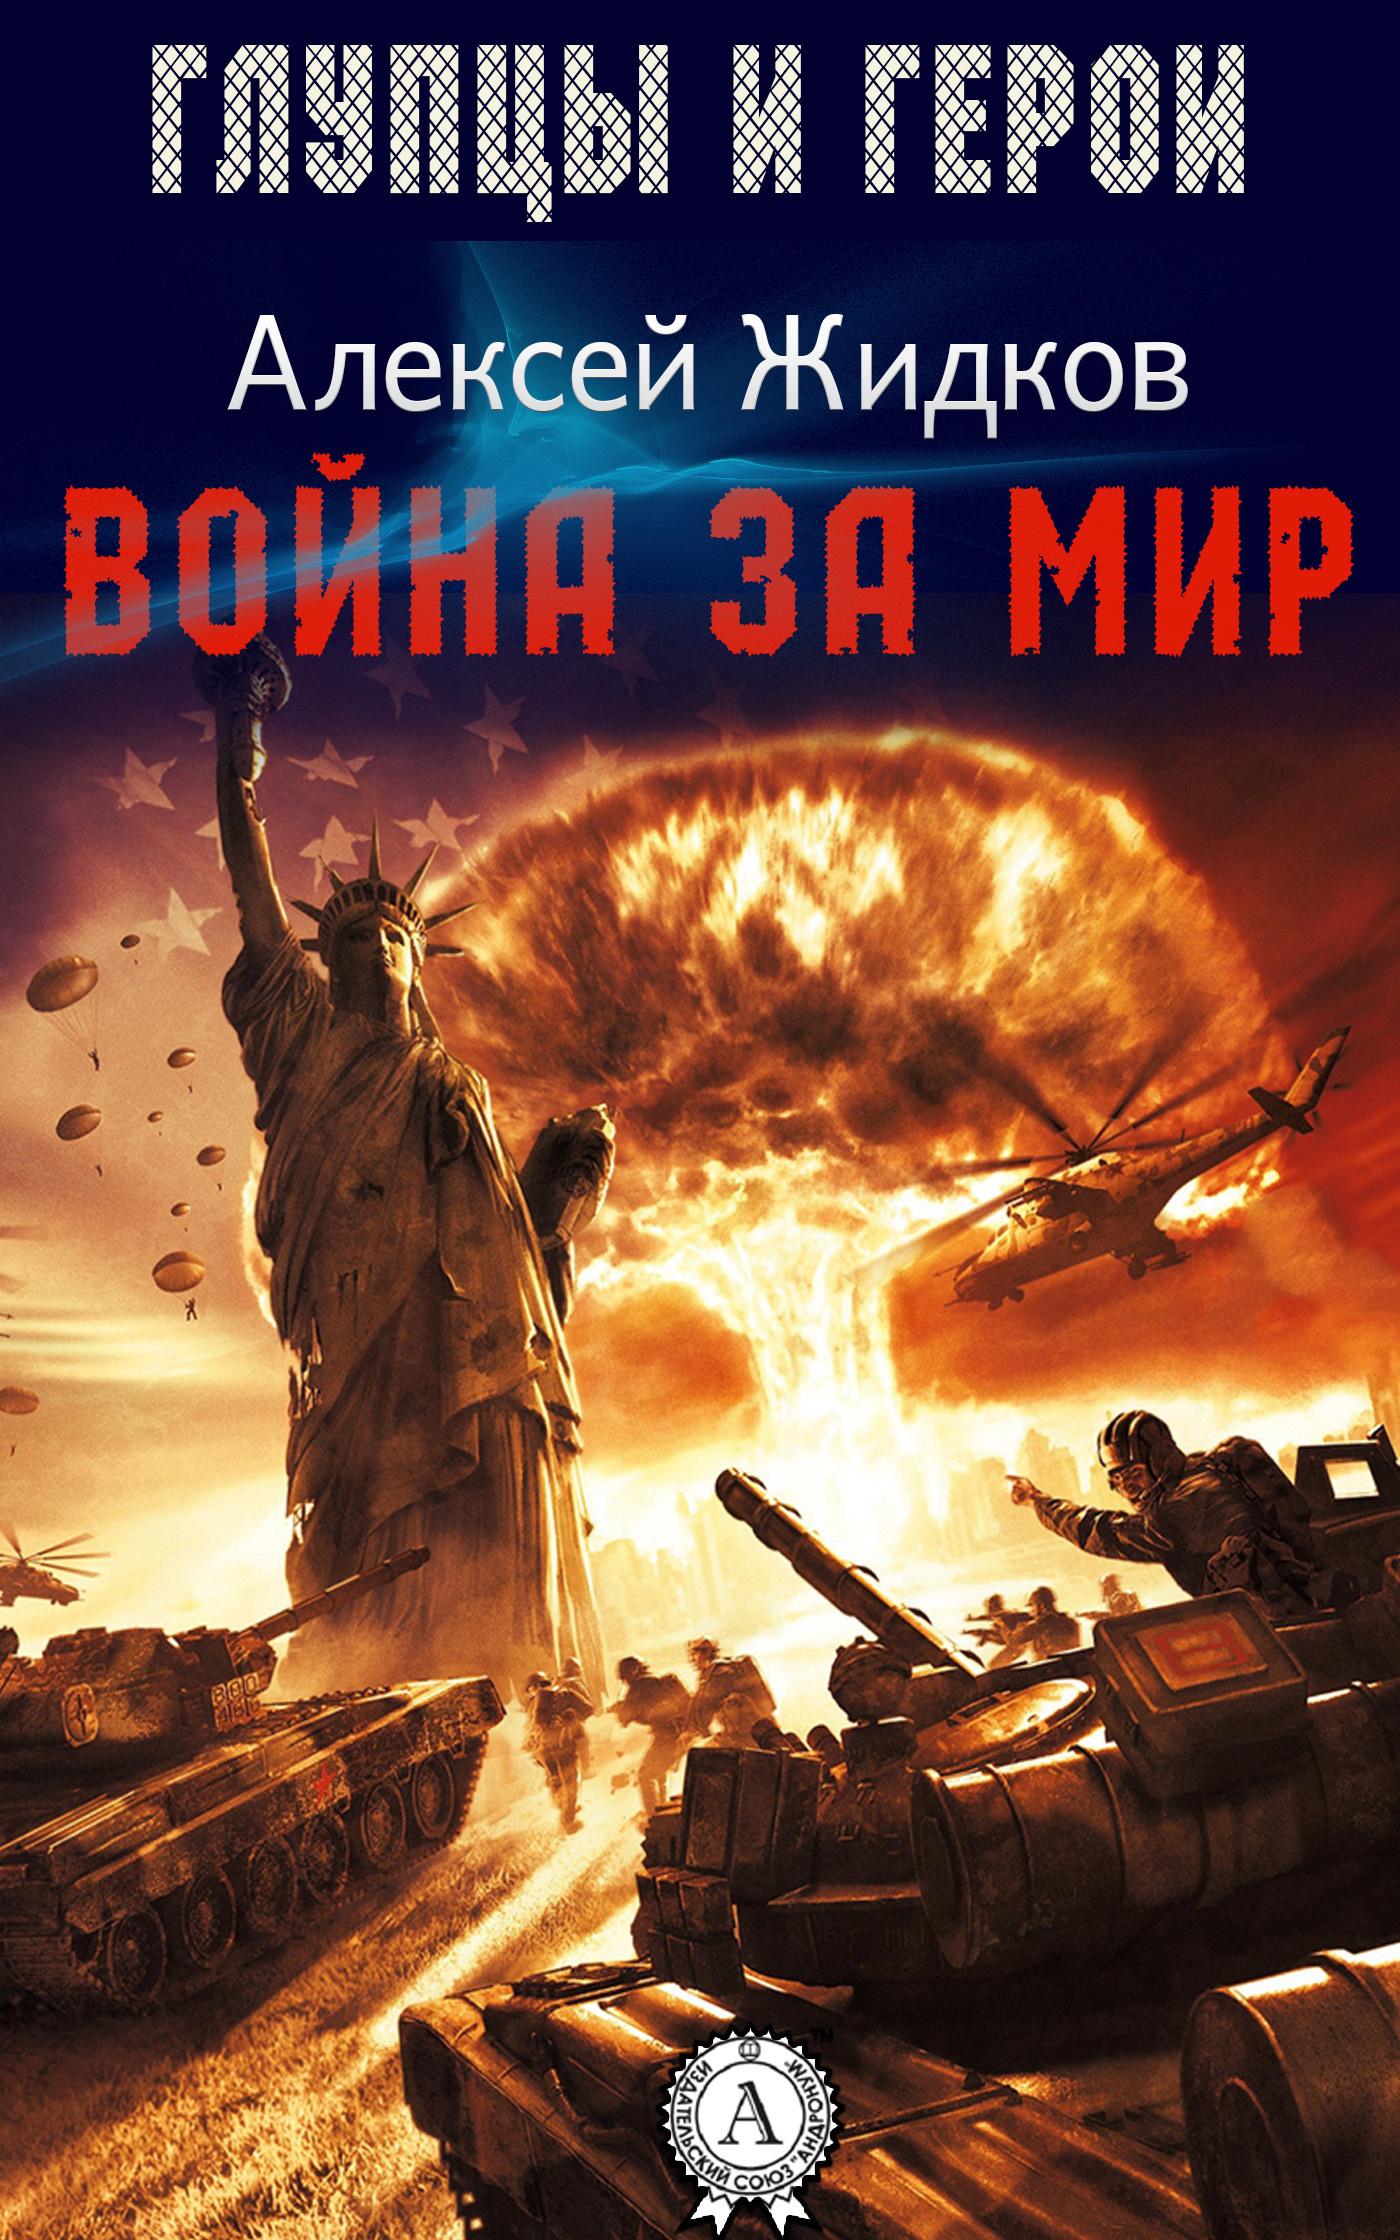 Алексей Жидков «Война за мир»